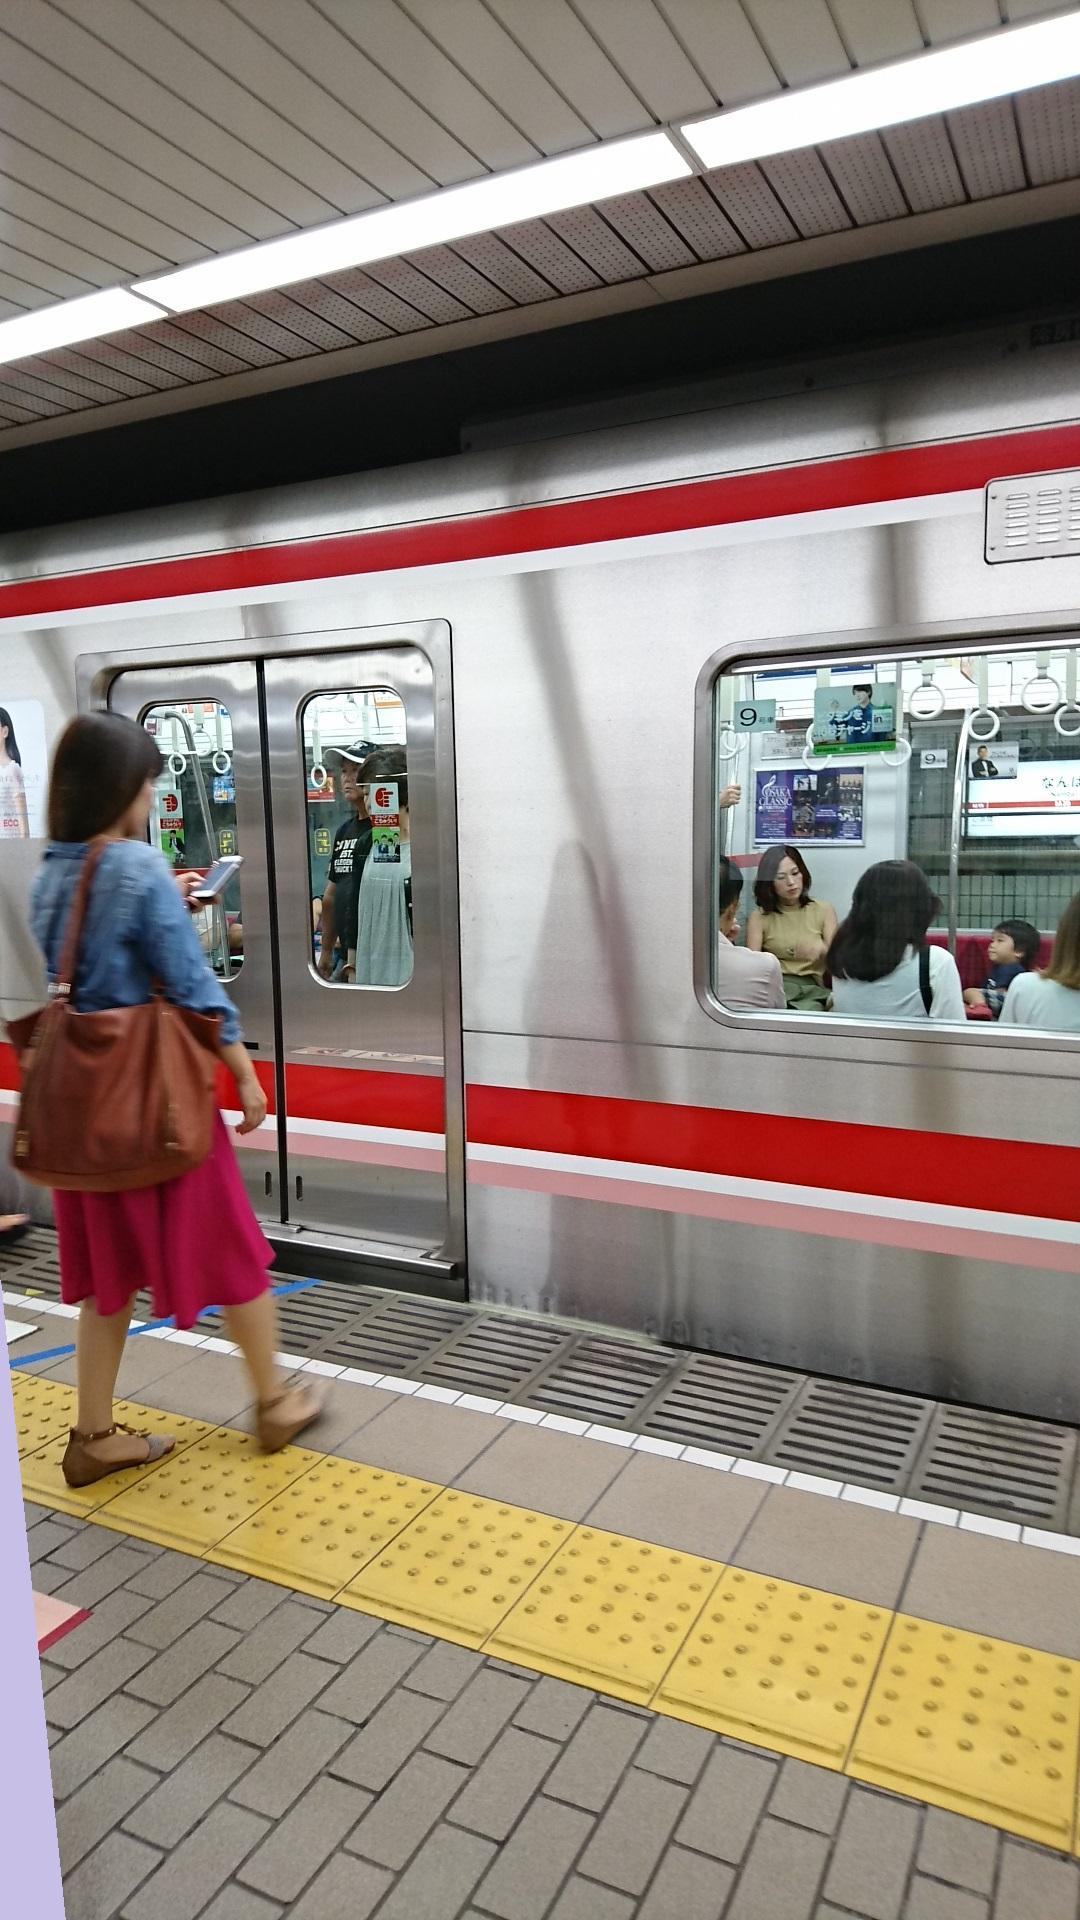 2017.8.18 地下鉄御堂筋線 (1) なんば - 新大阪いき 1080-1920